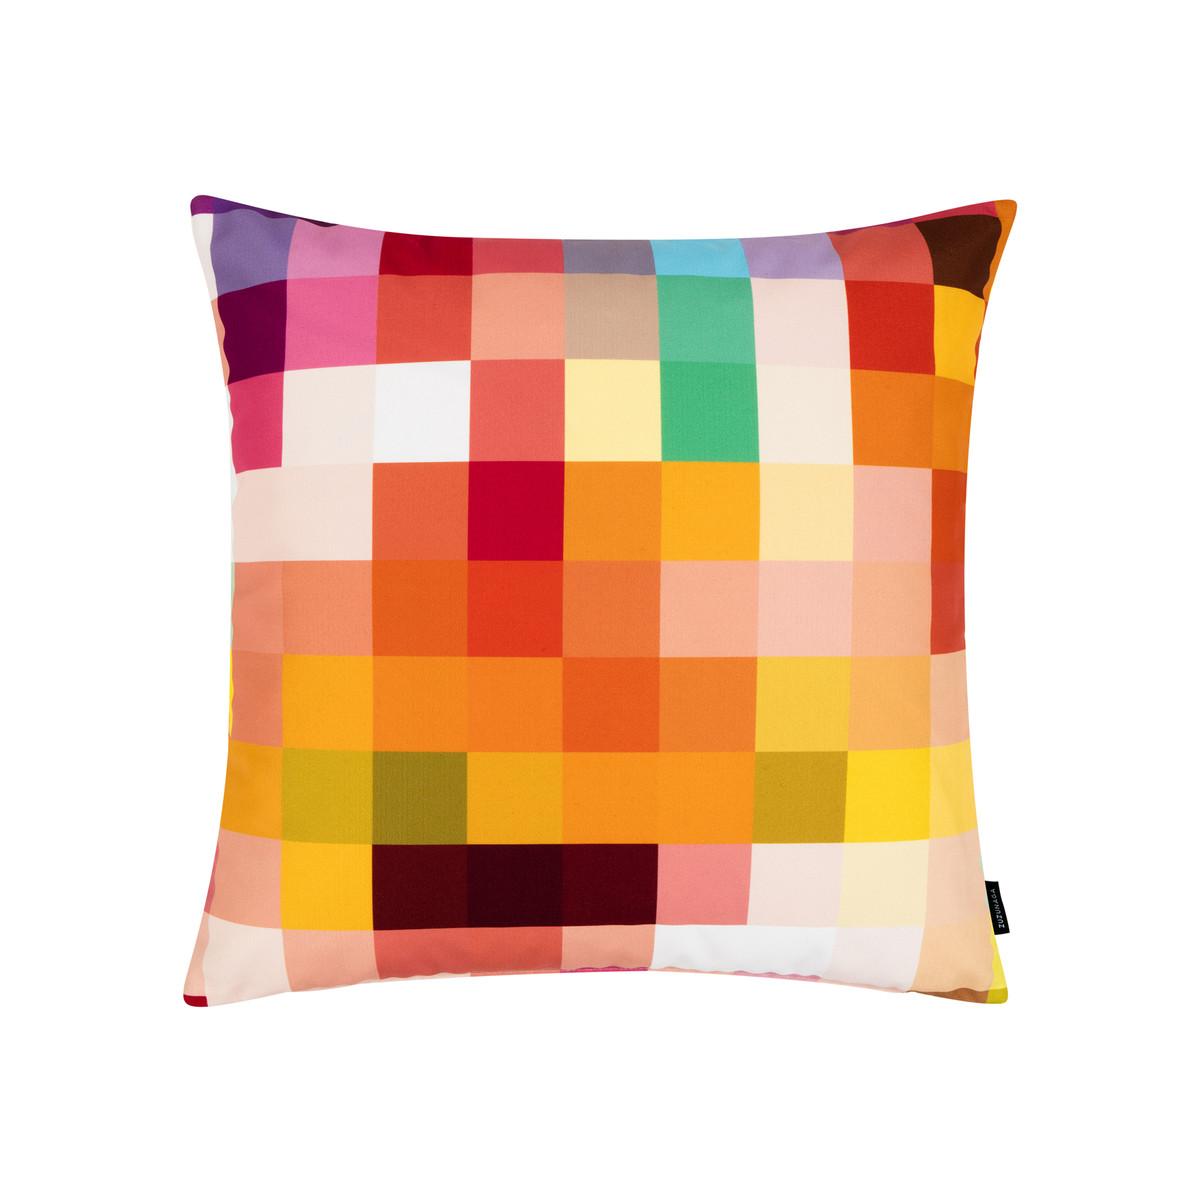 zuzunaga sol kissen 50 x 50 cm mehrfarbig t 18 h 50 b 50 online kaufen bei woonio. Black Bedroom Furniture Sets. Home Design Ideas